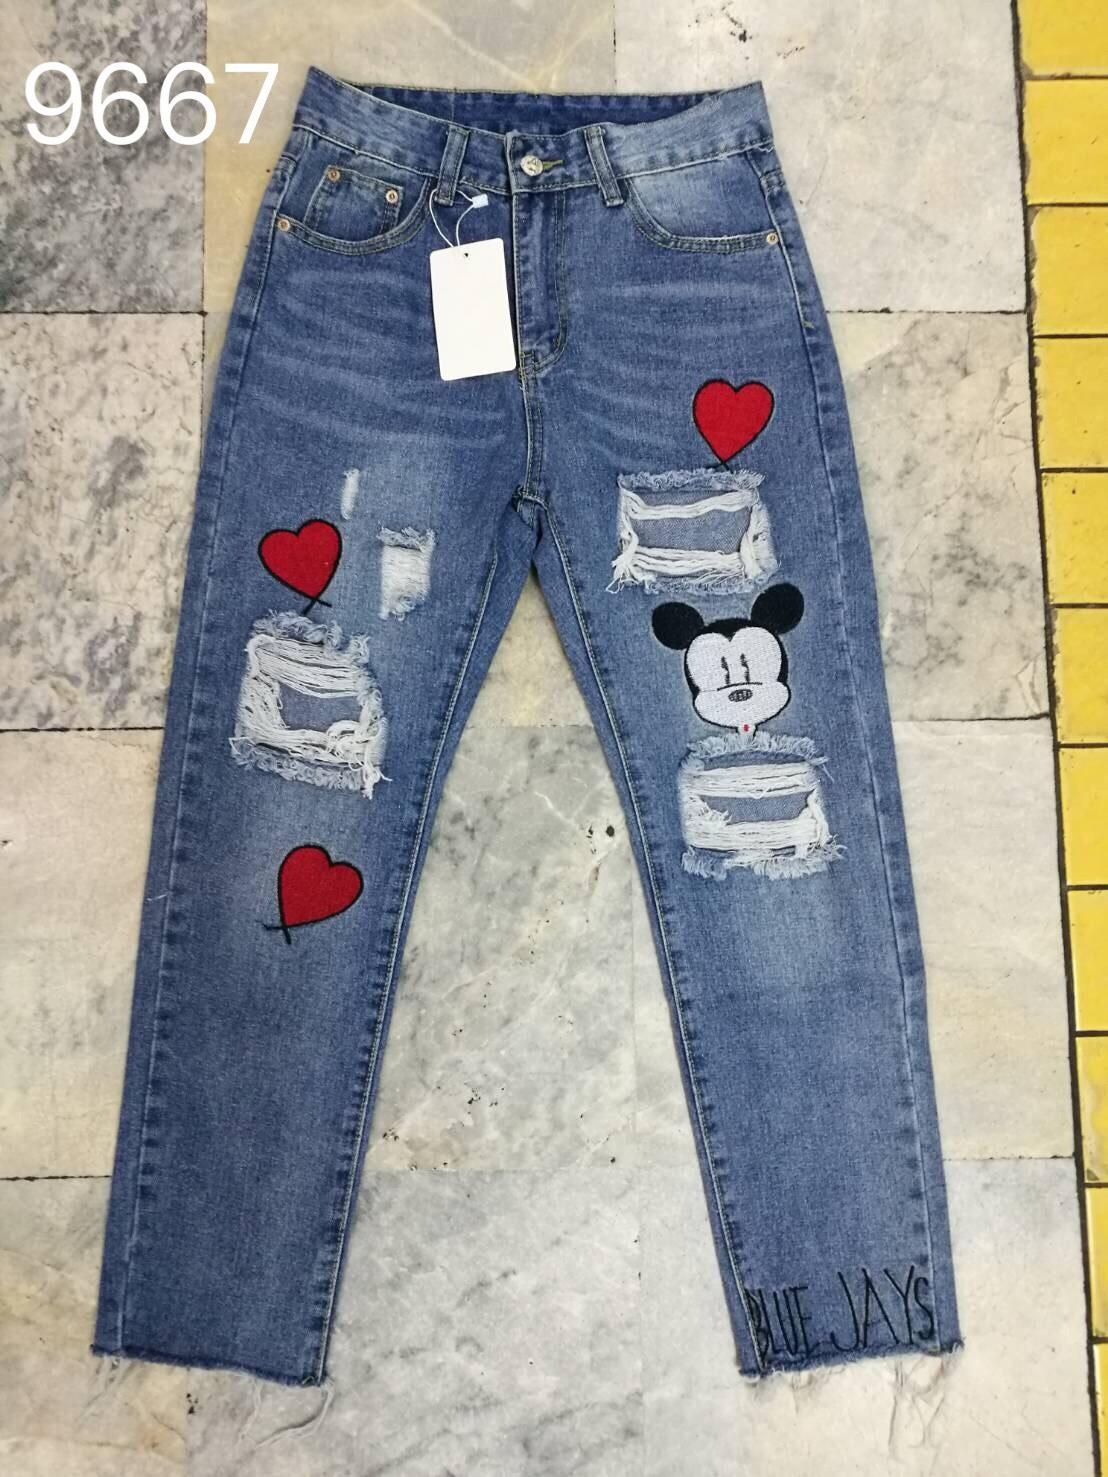 กางเกงยีนส์ทรงบอย ปักรูปหัวใจ ลายมิกกี้